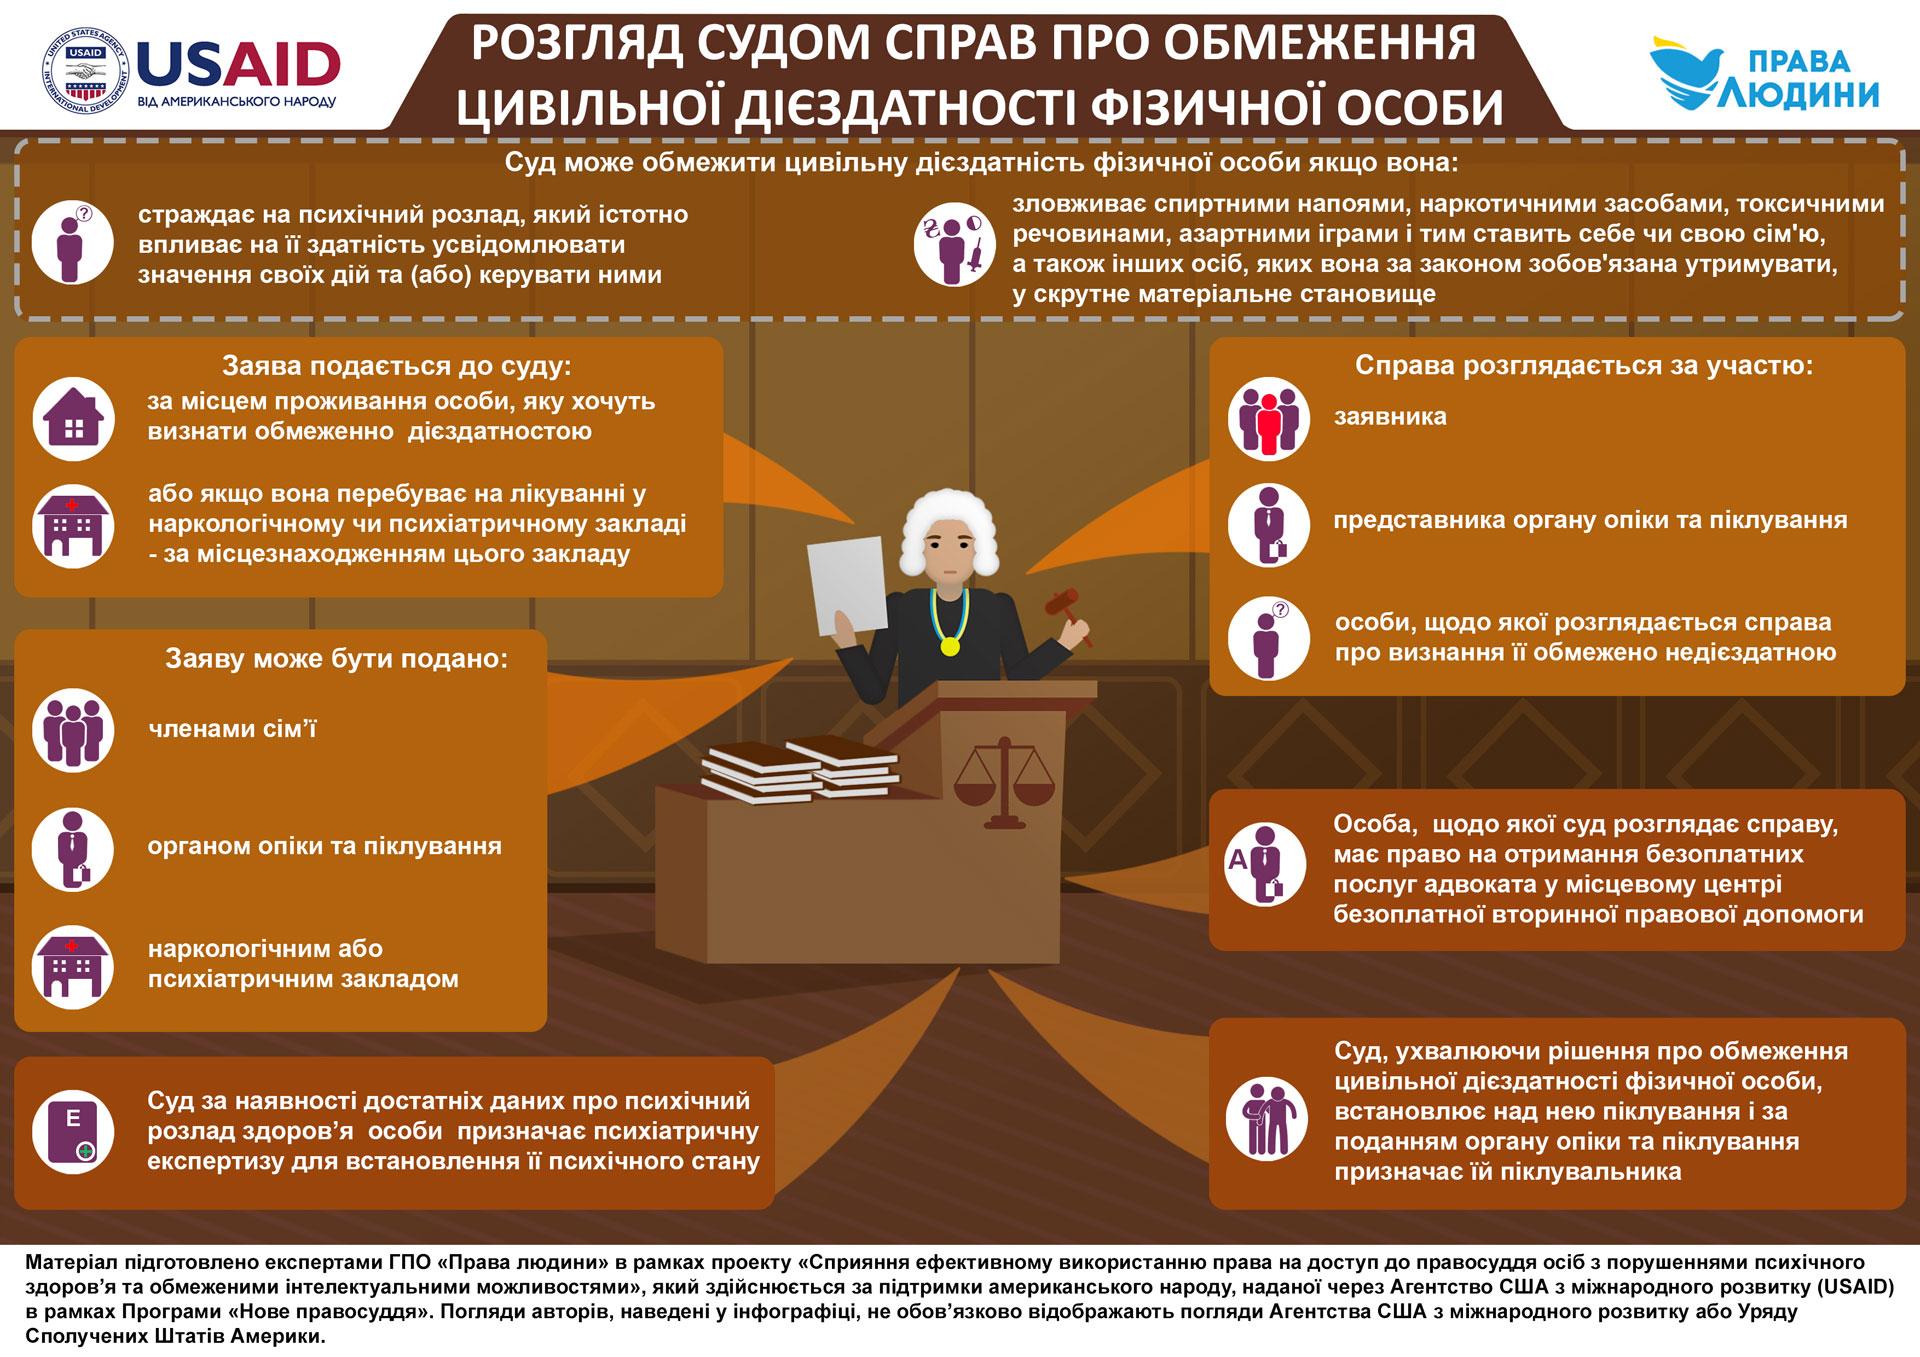 Інфографіка: Розгляд судом справ про обмеження цивільної дієздатності